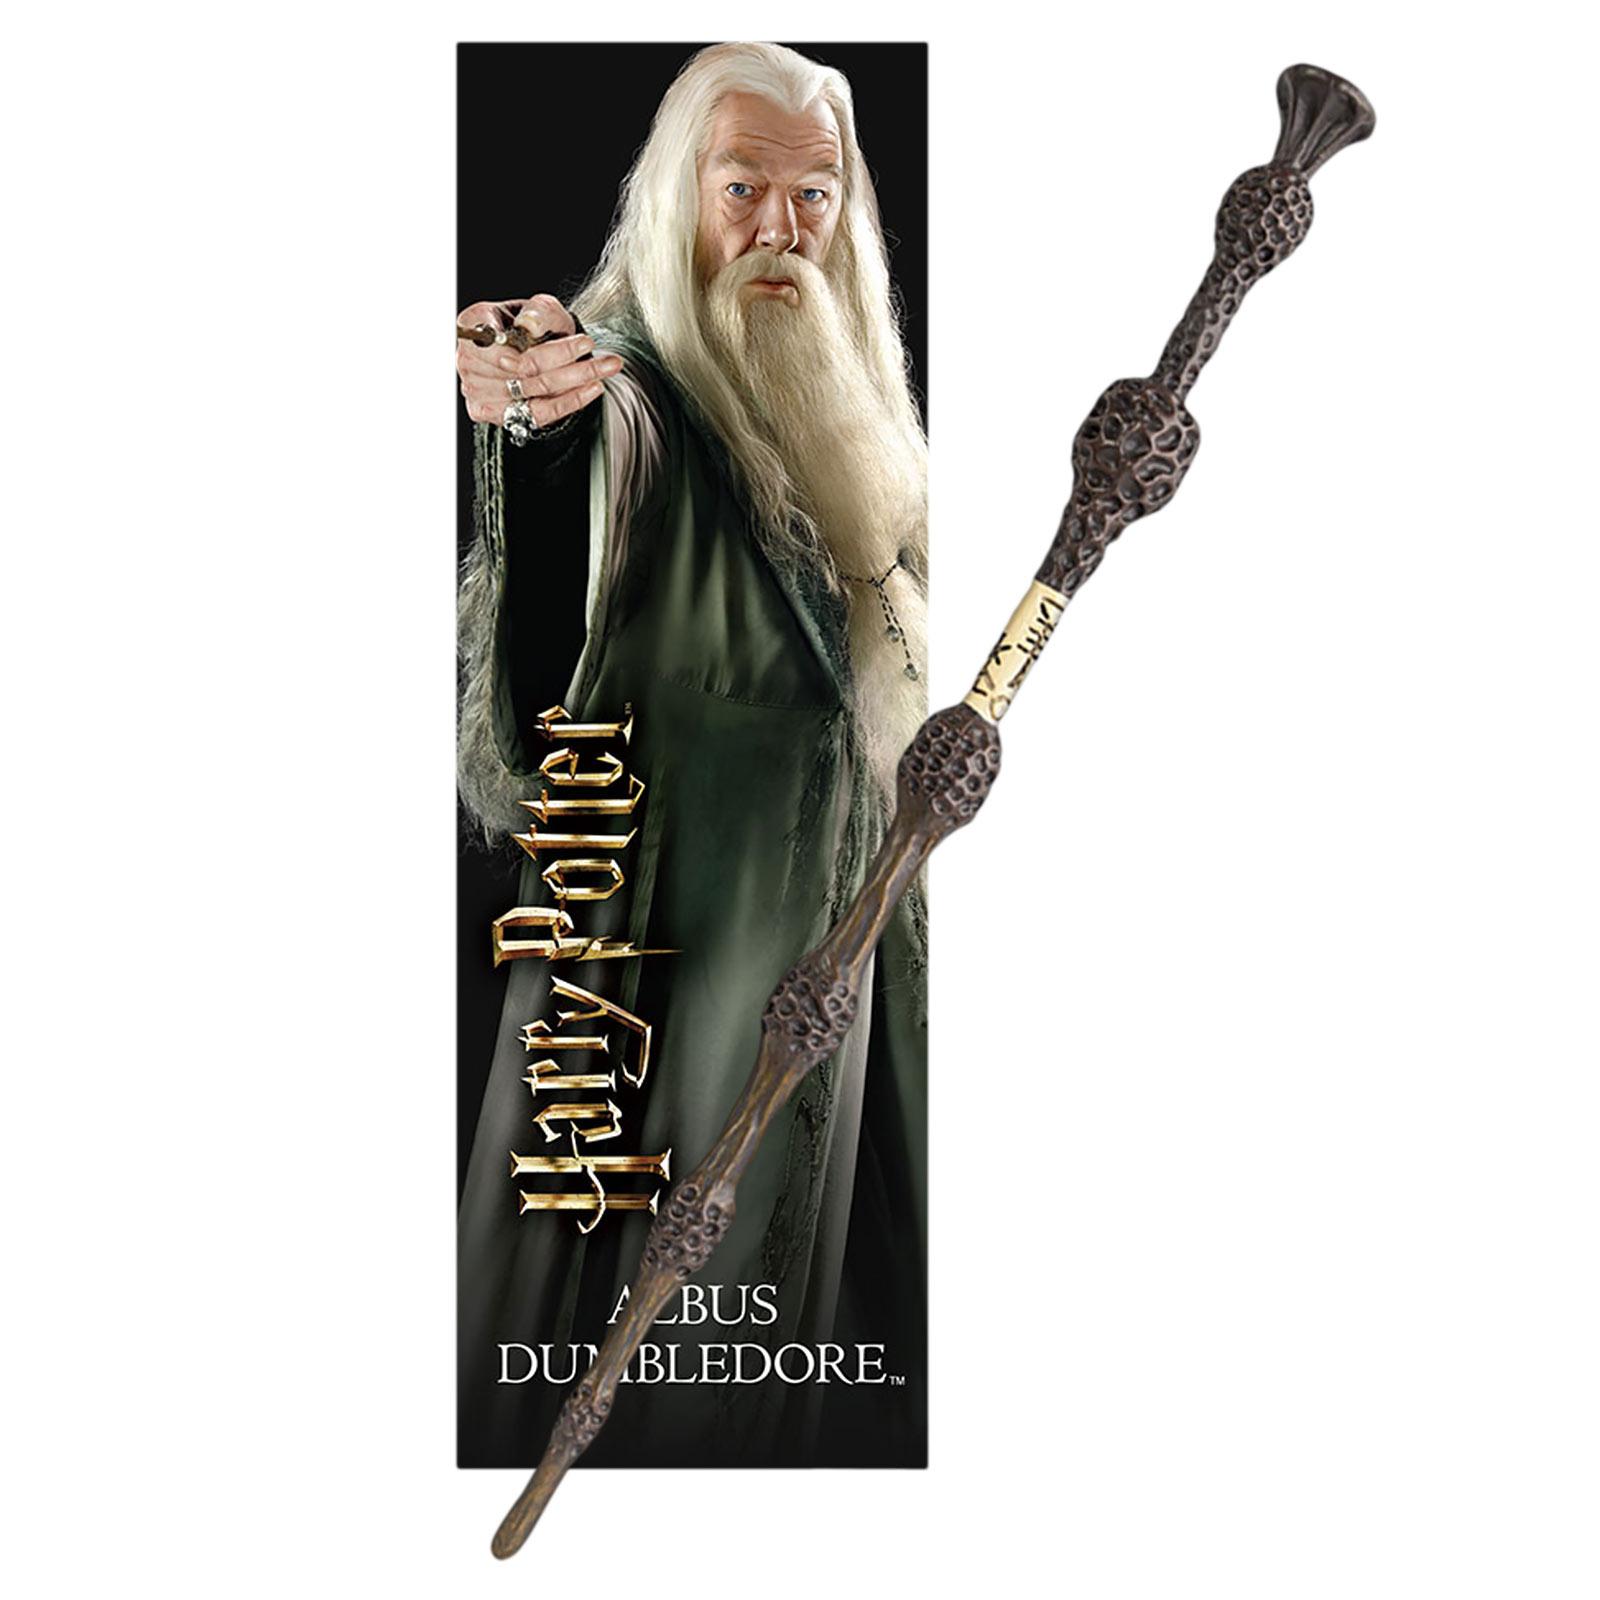 Dumbledore Zauberstab für Jungzauberer mit Lesezeichen - Harry Potter